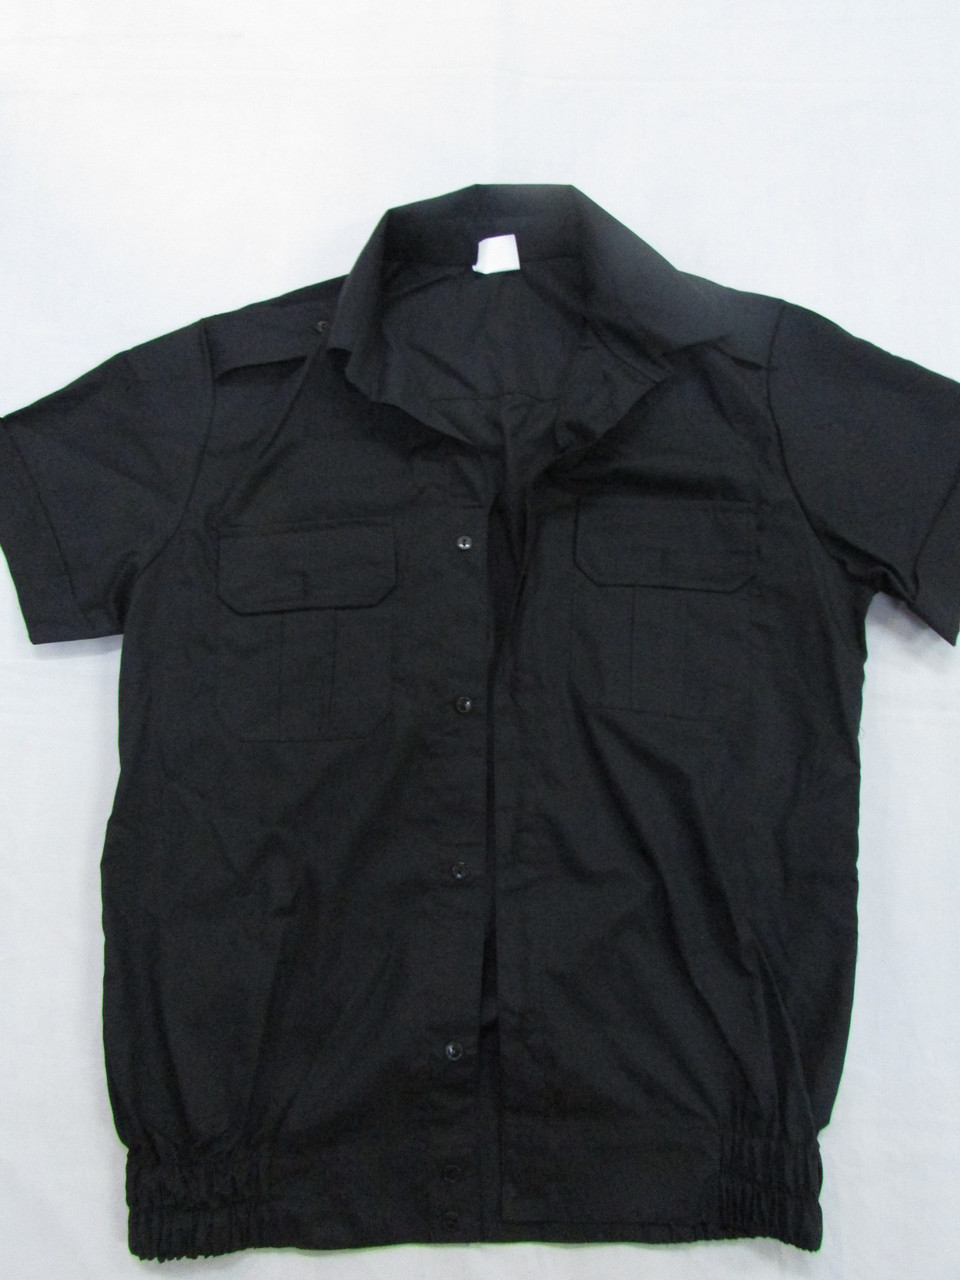 Рубашка форменная черная с коротким рукавом под резинку